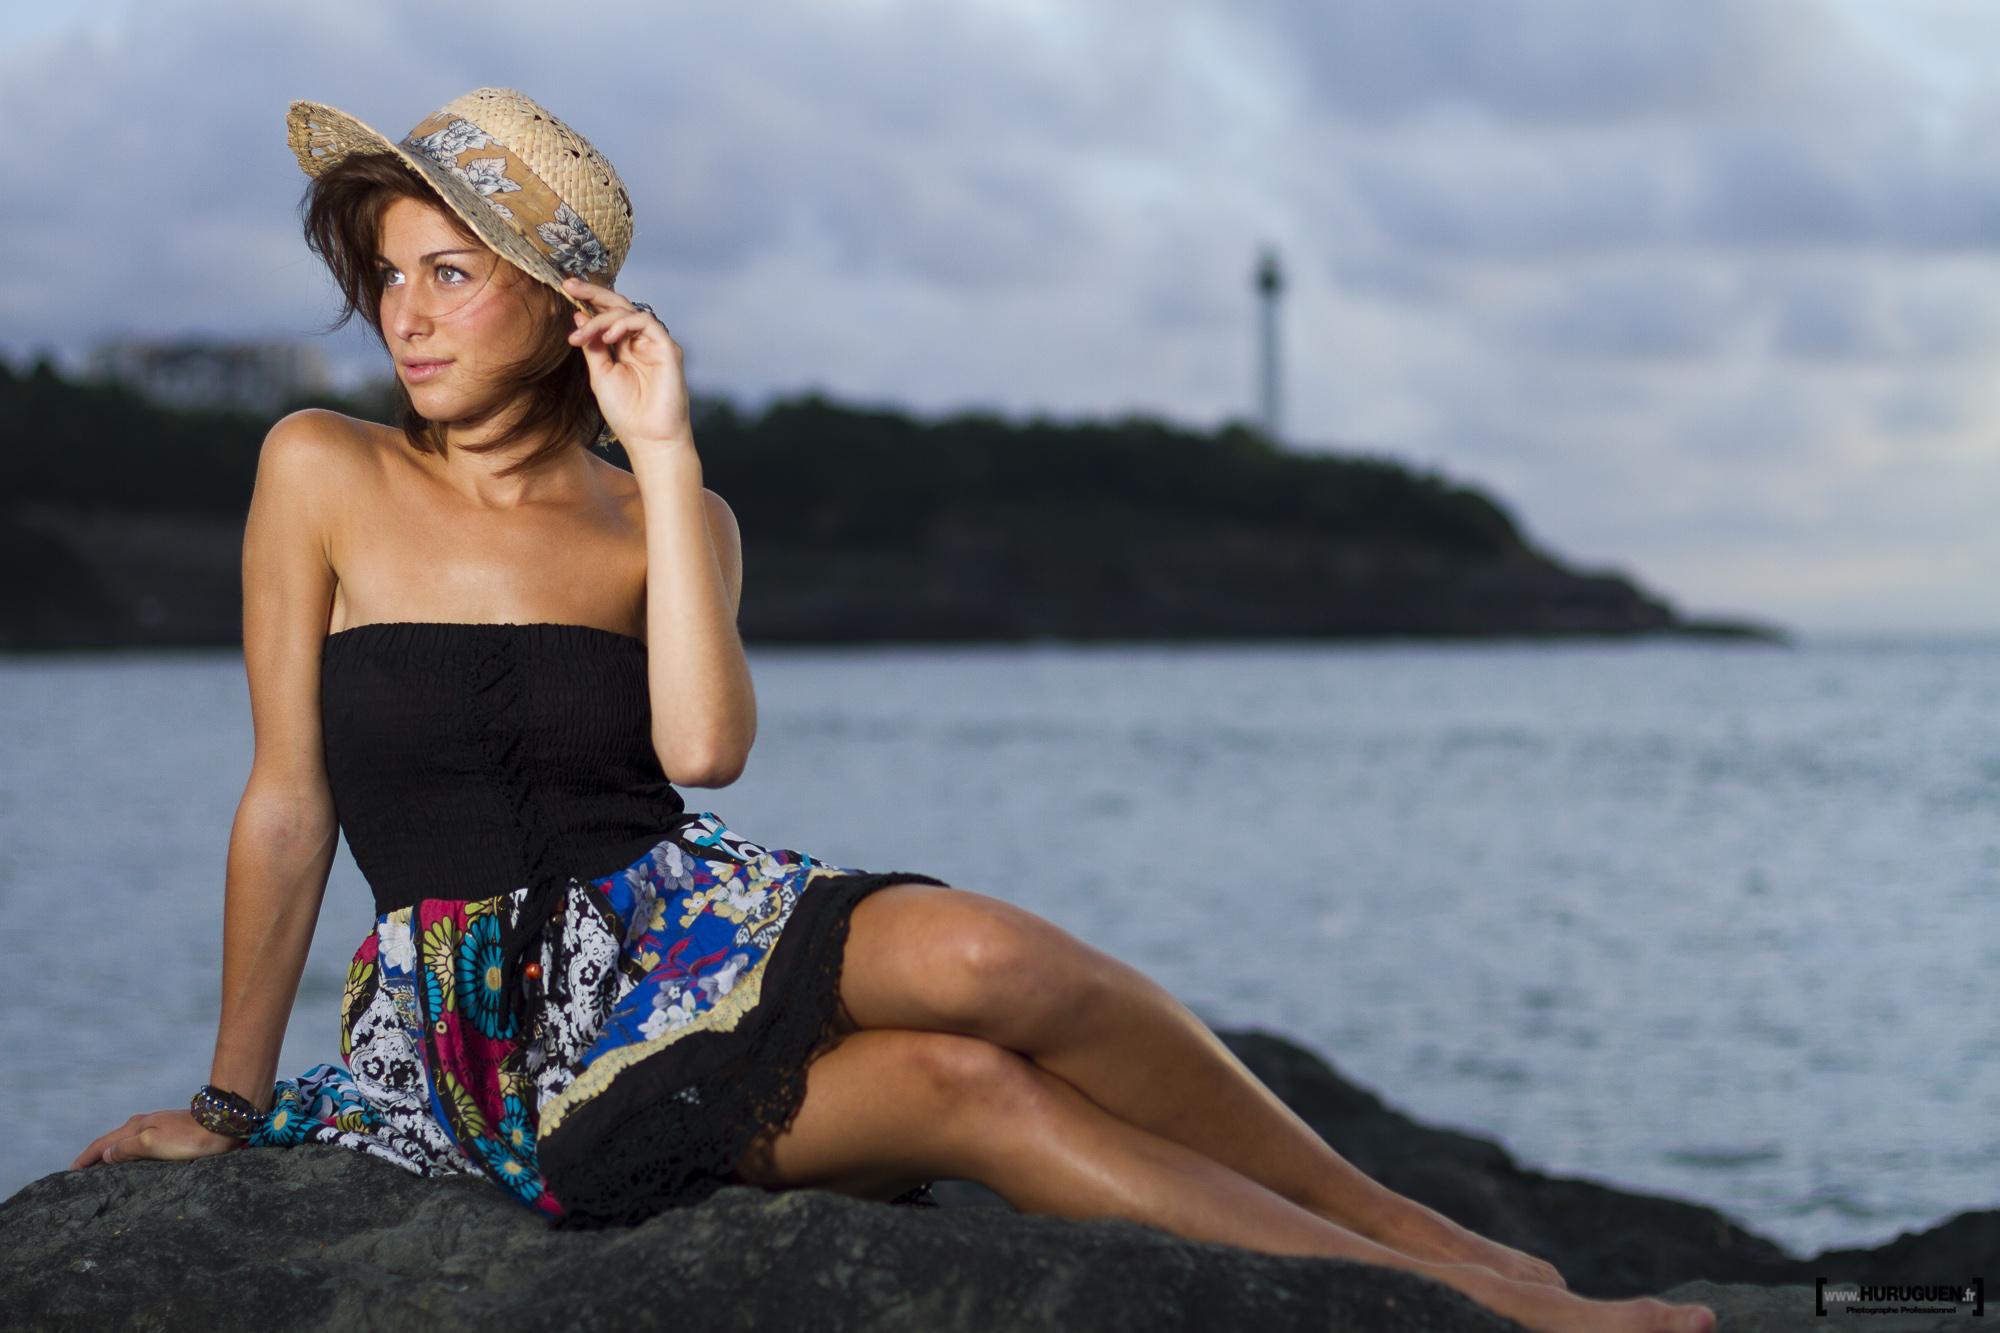 Photographe Mode et Beauté - Photographe Professionnel à Bordeaux Sebastien Huruguen